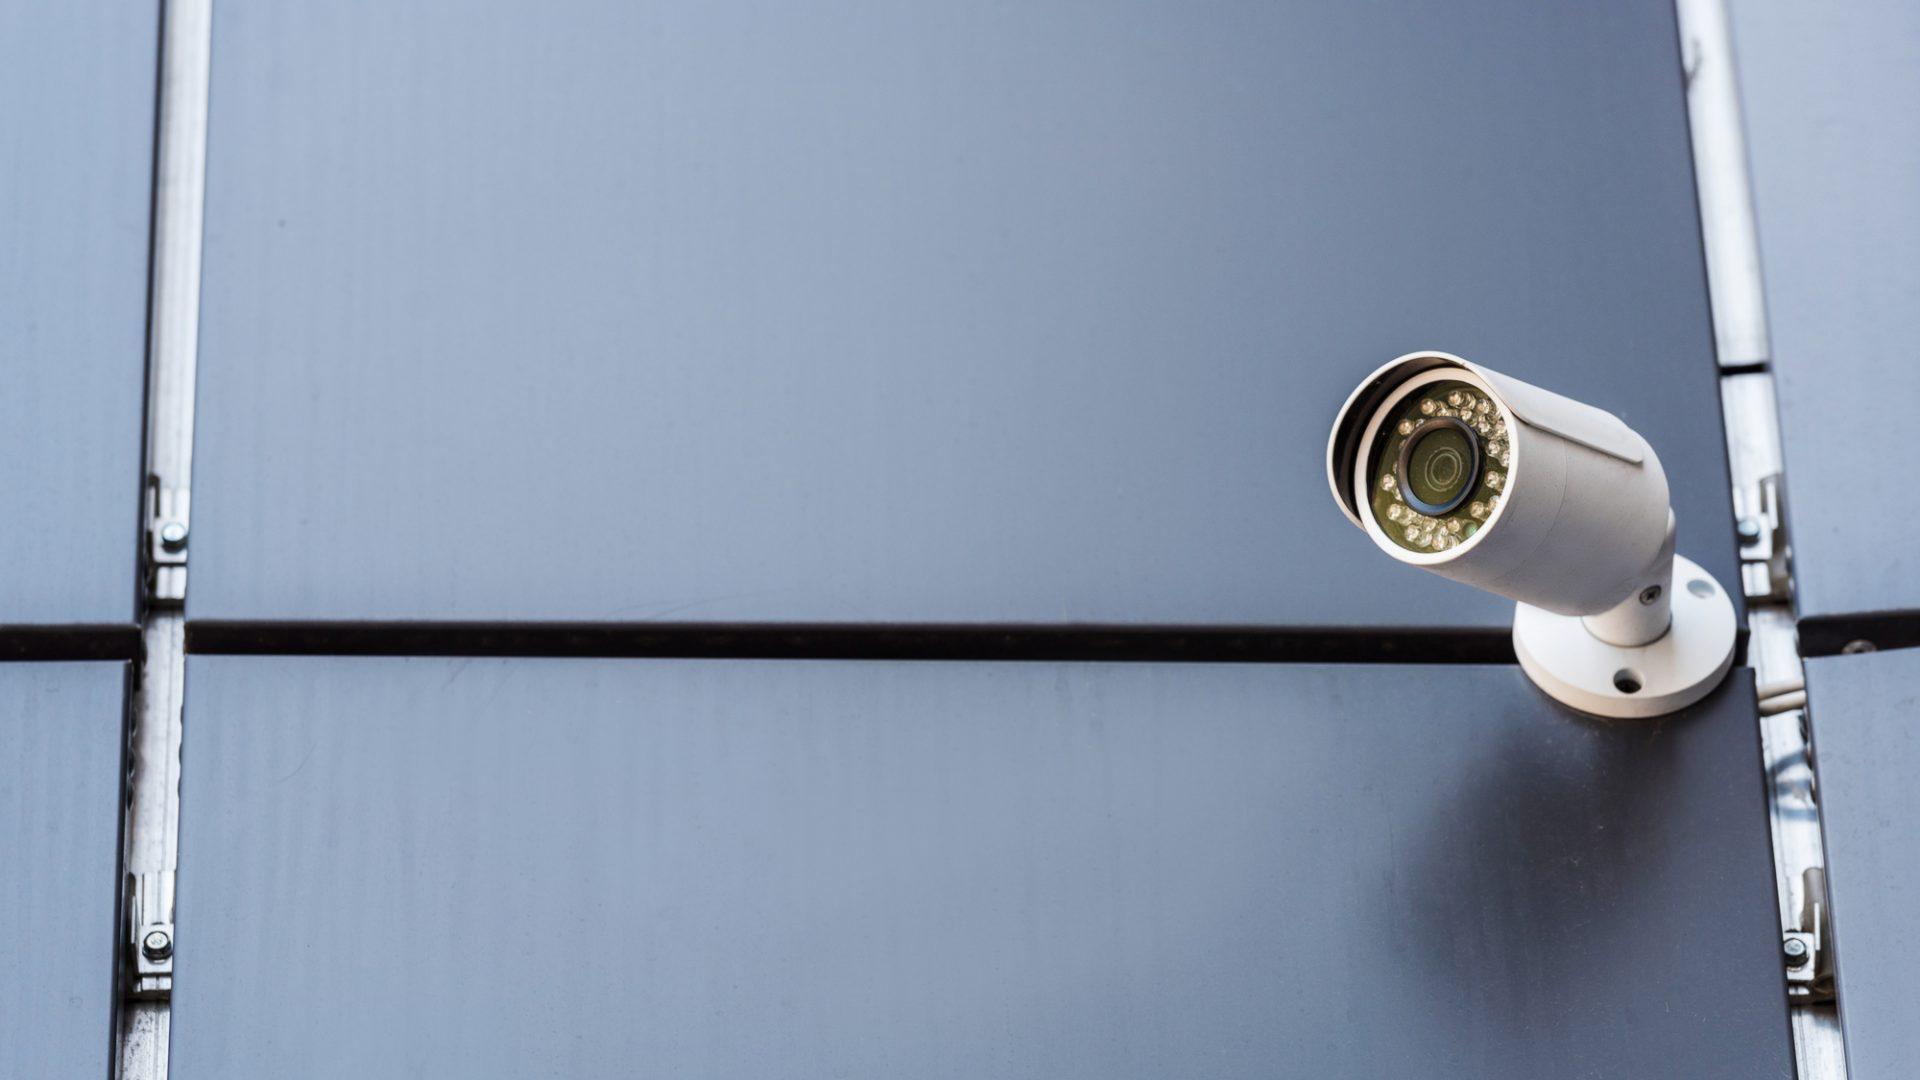 La police pourra consulter les images des caméras privées pour résoudre des affaires